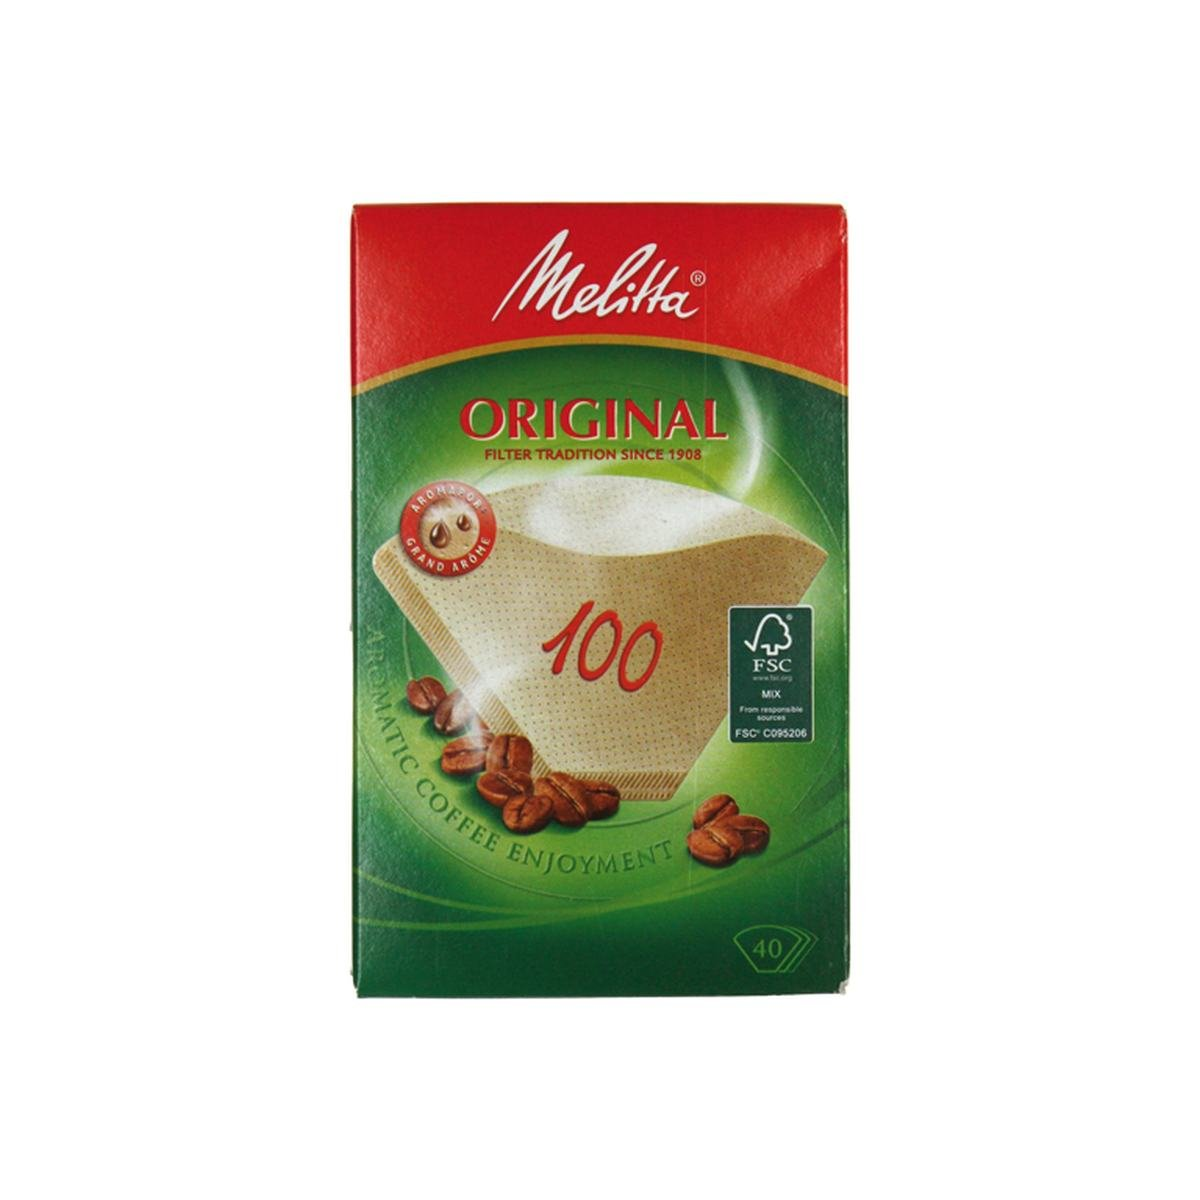 Kaffefilter str. 100 ubleget 40 stk. pakke - Melit